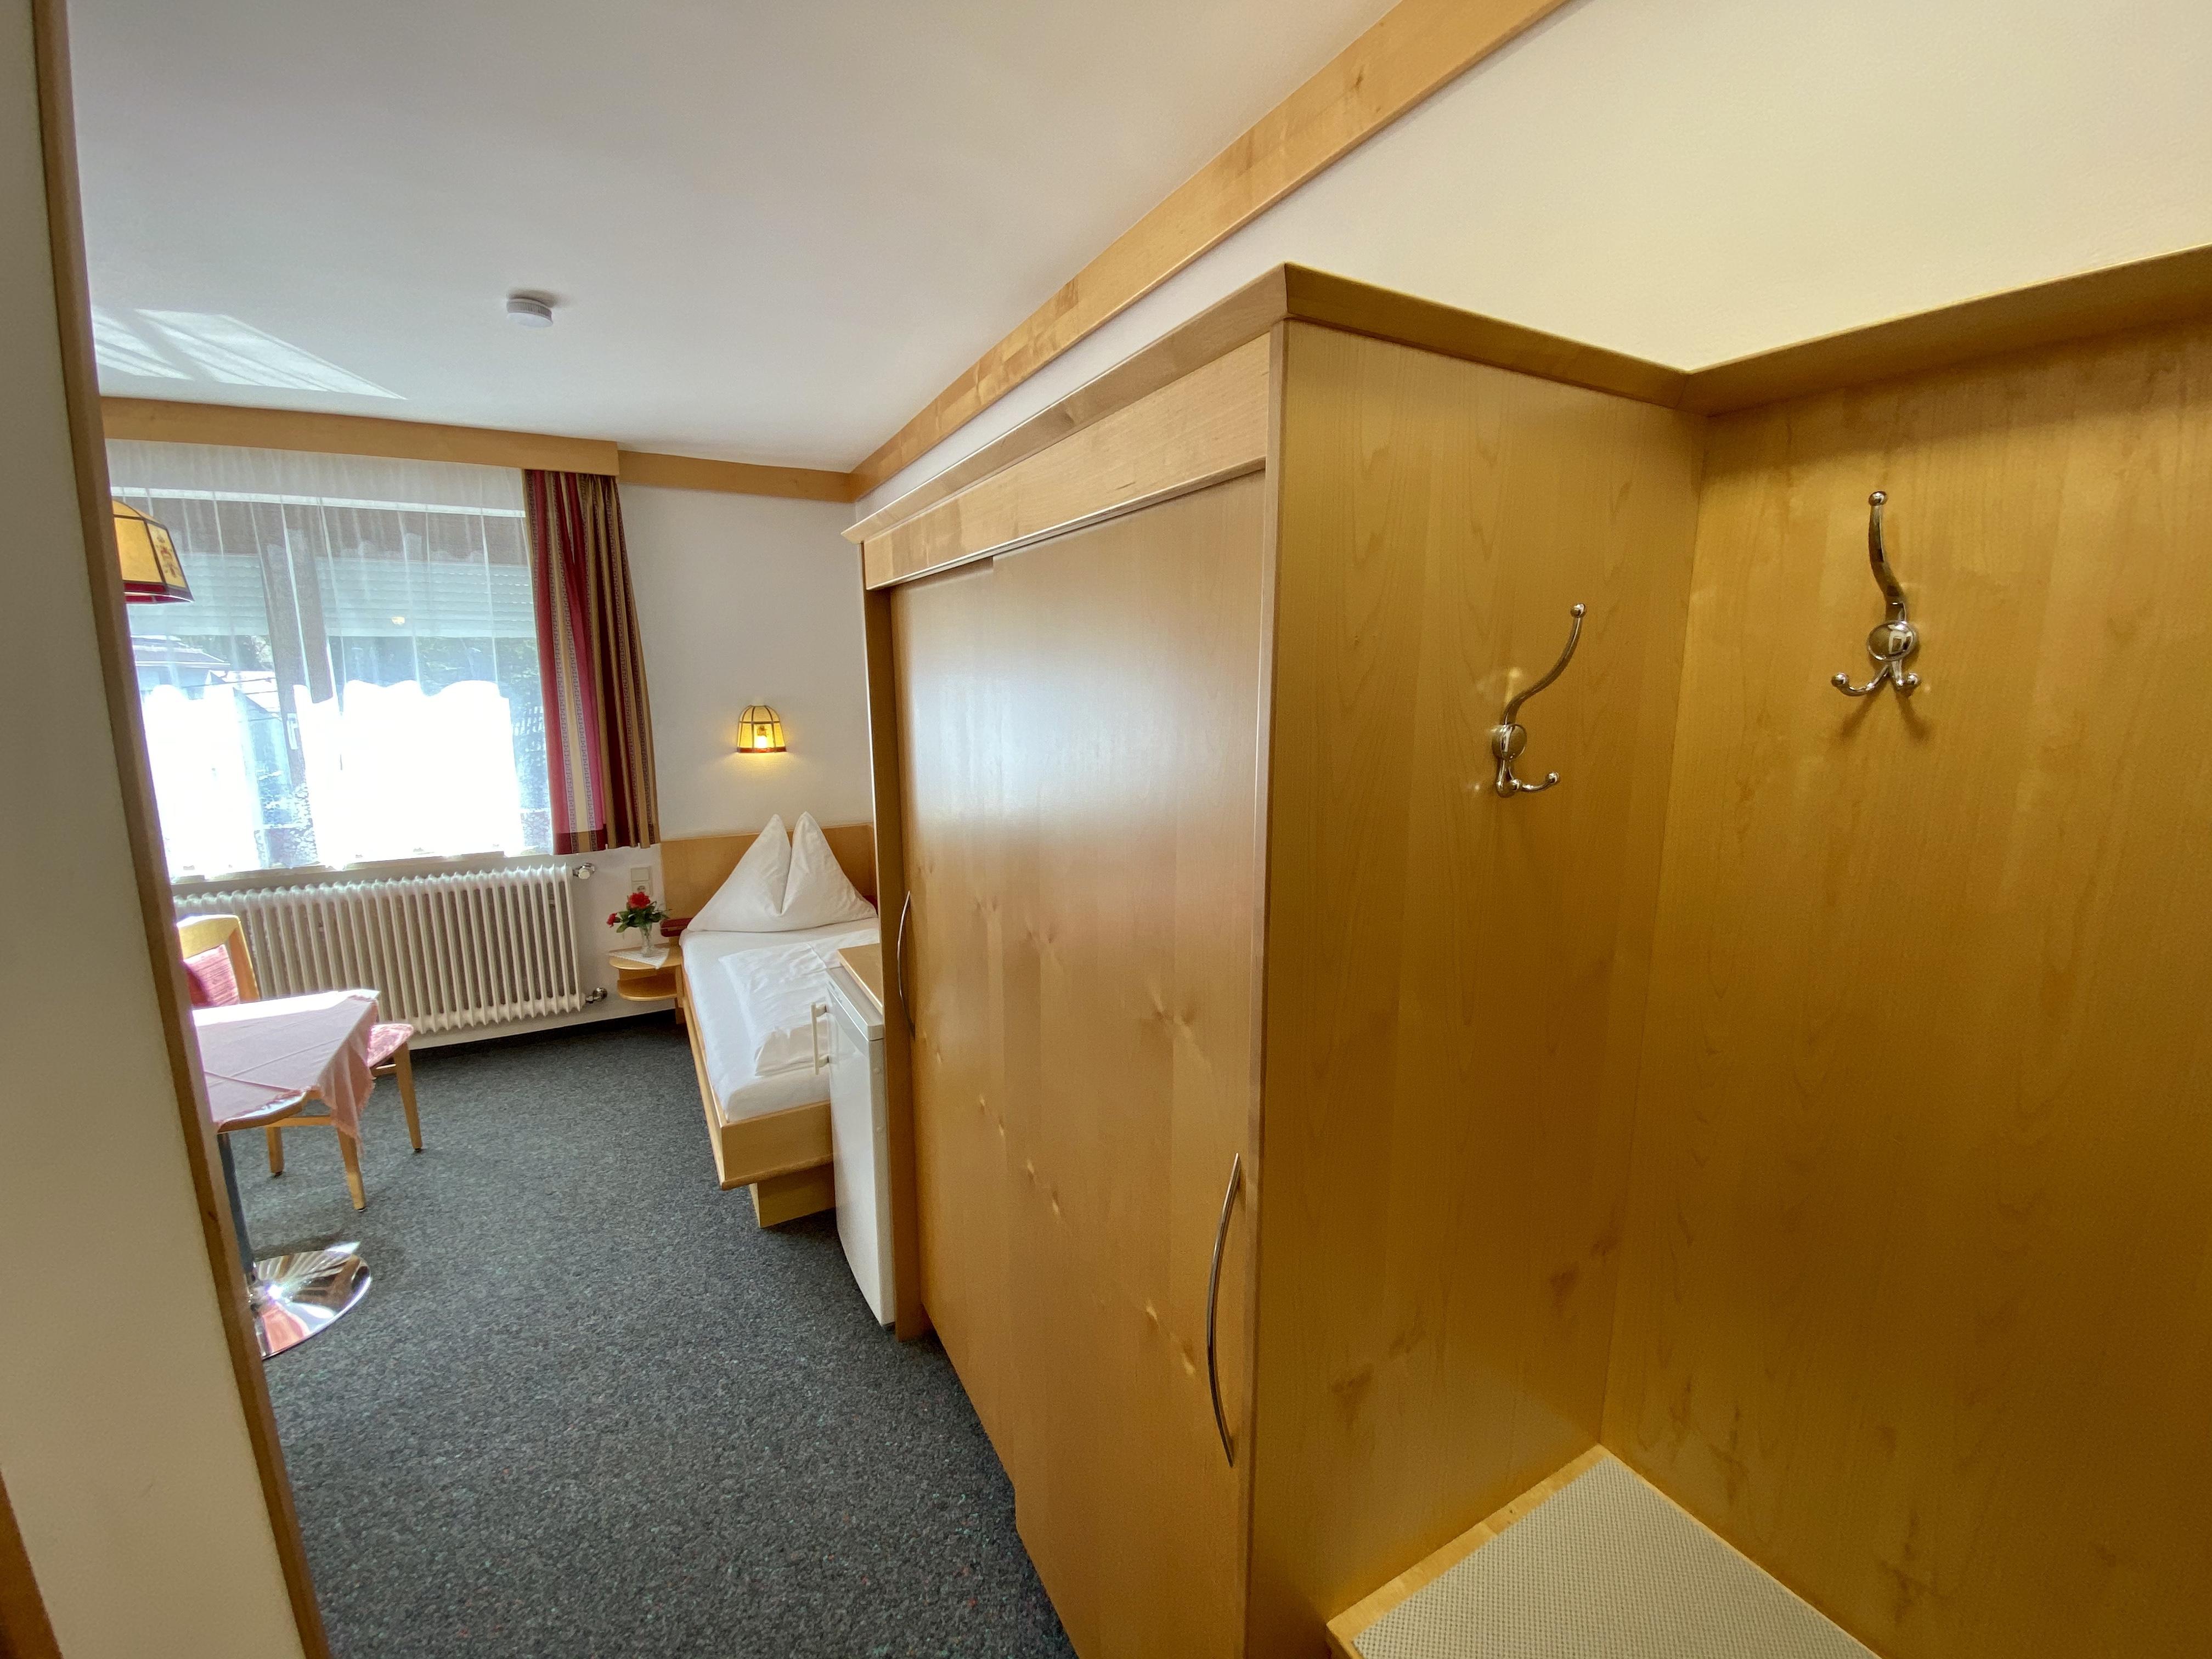 Zimmer Nr. 1 - Zimmeransicht 3